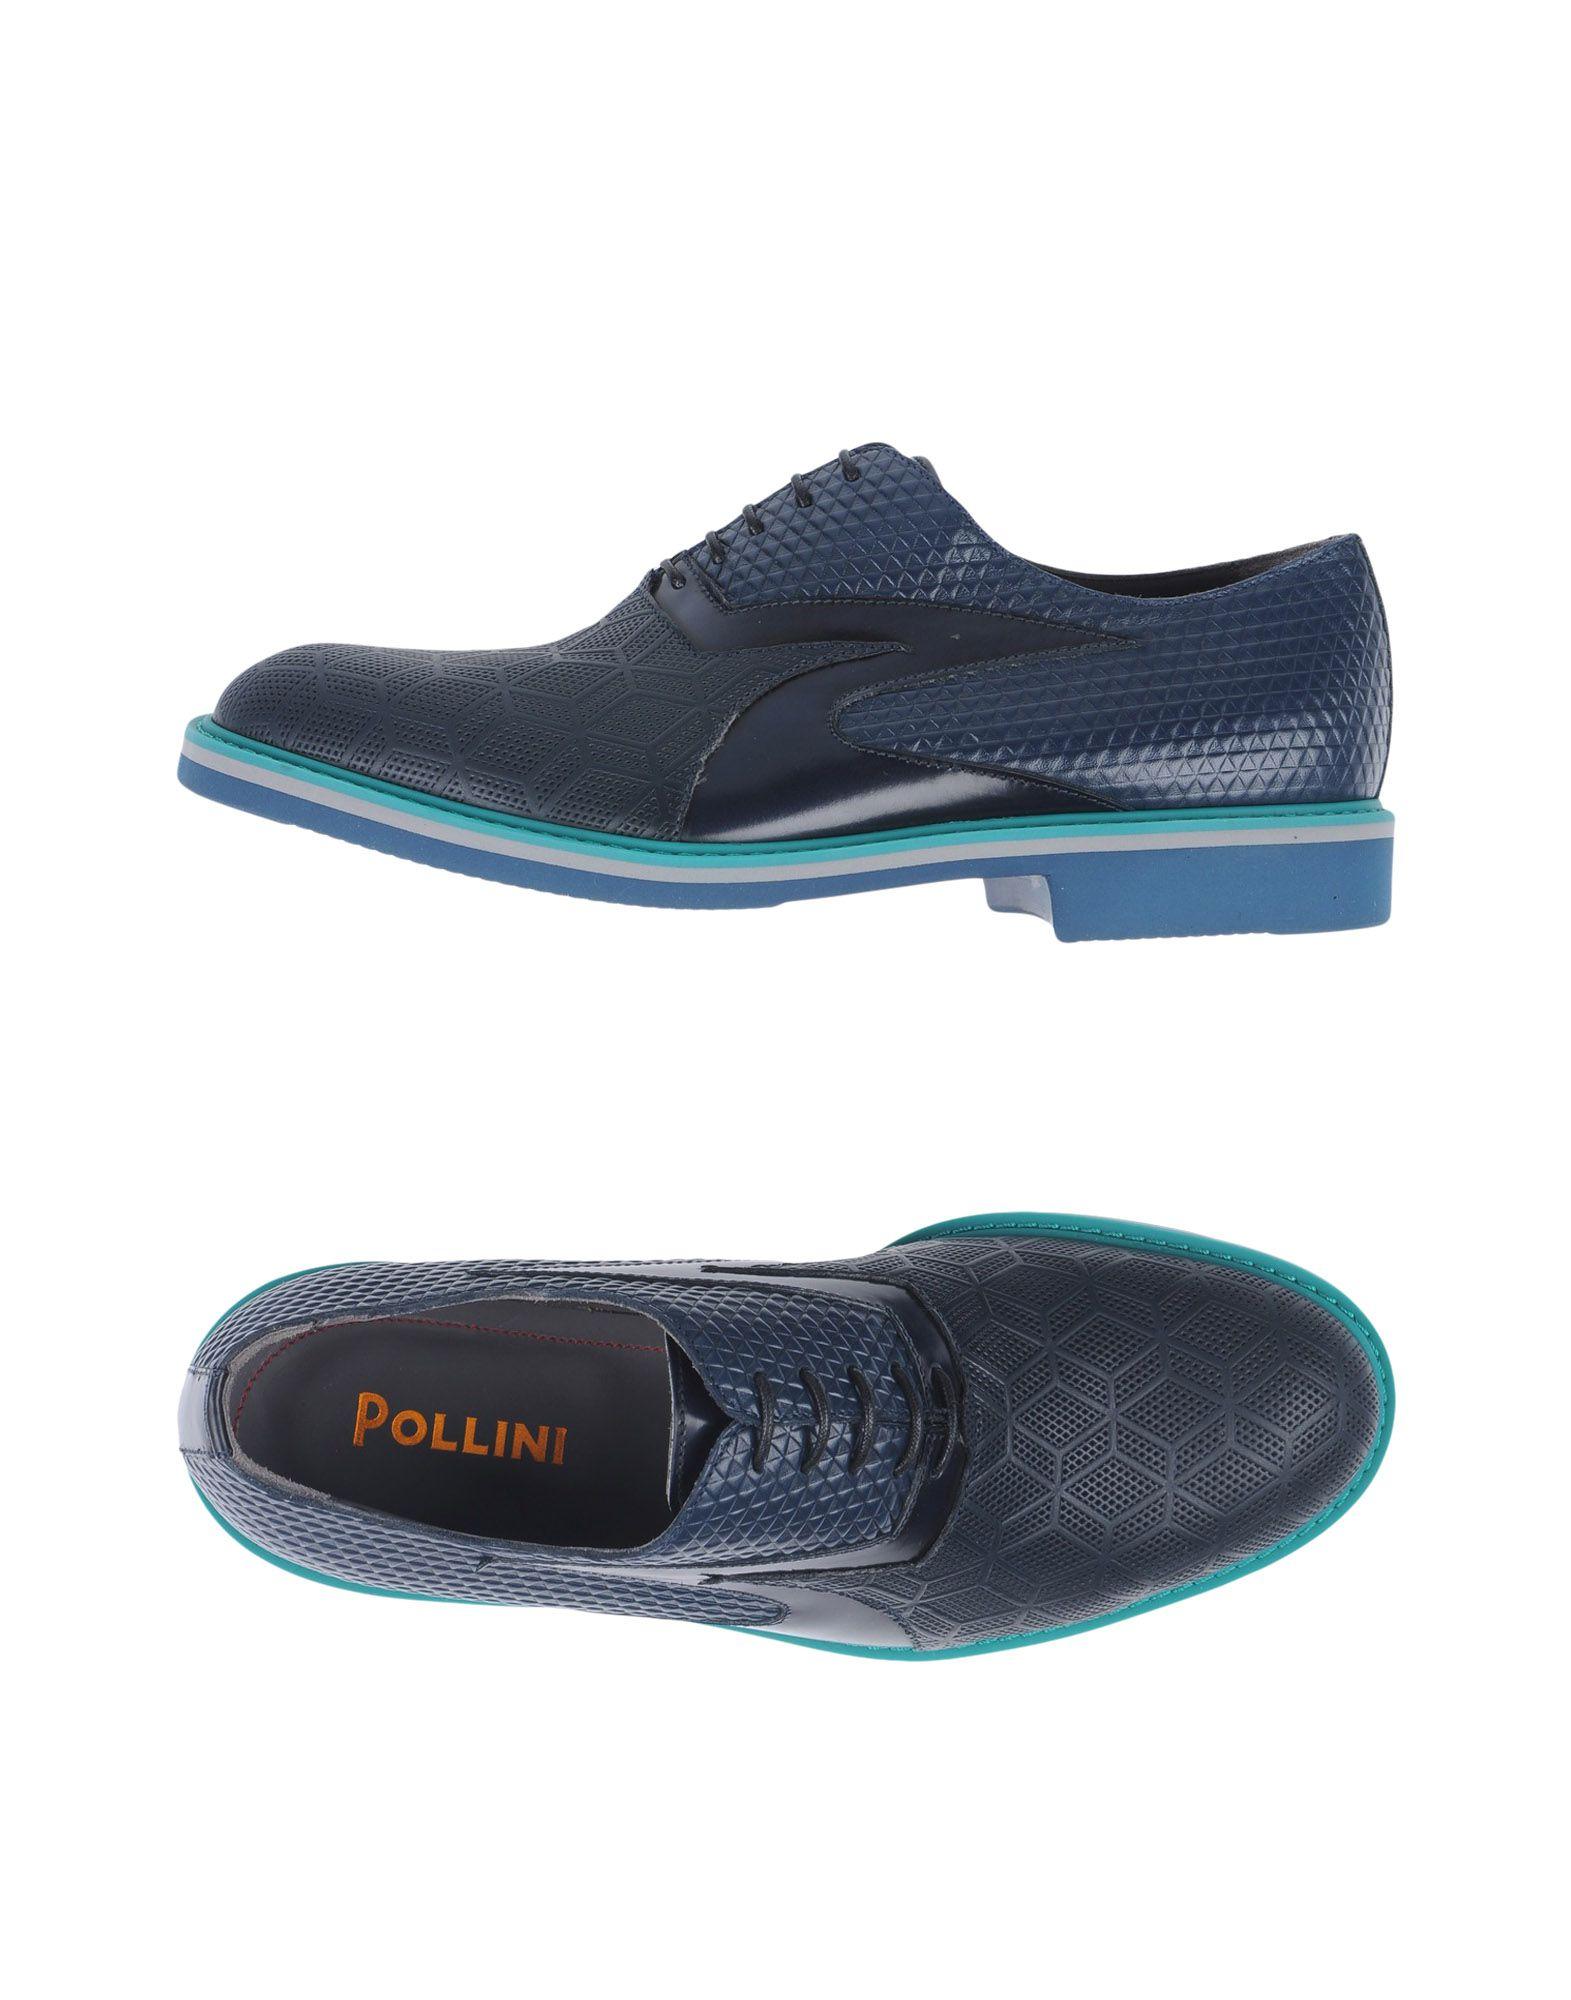 Pollini Schnürschuhe Herren  11331346DM Gute Qualität beliebte Schuhe